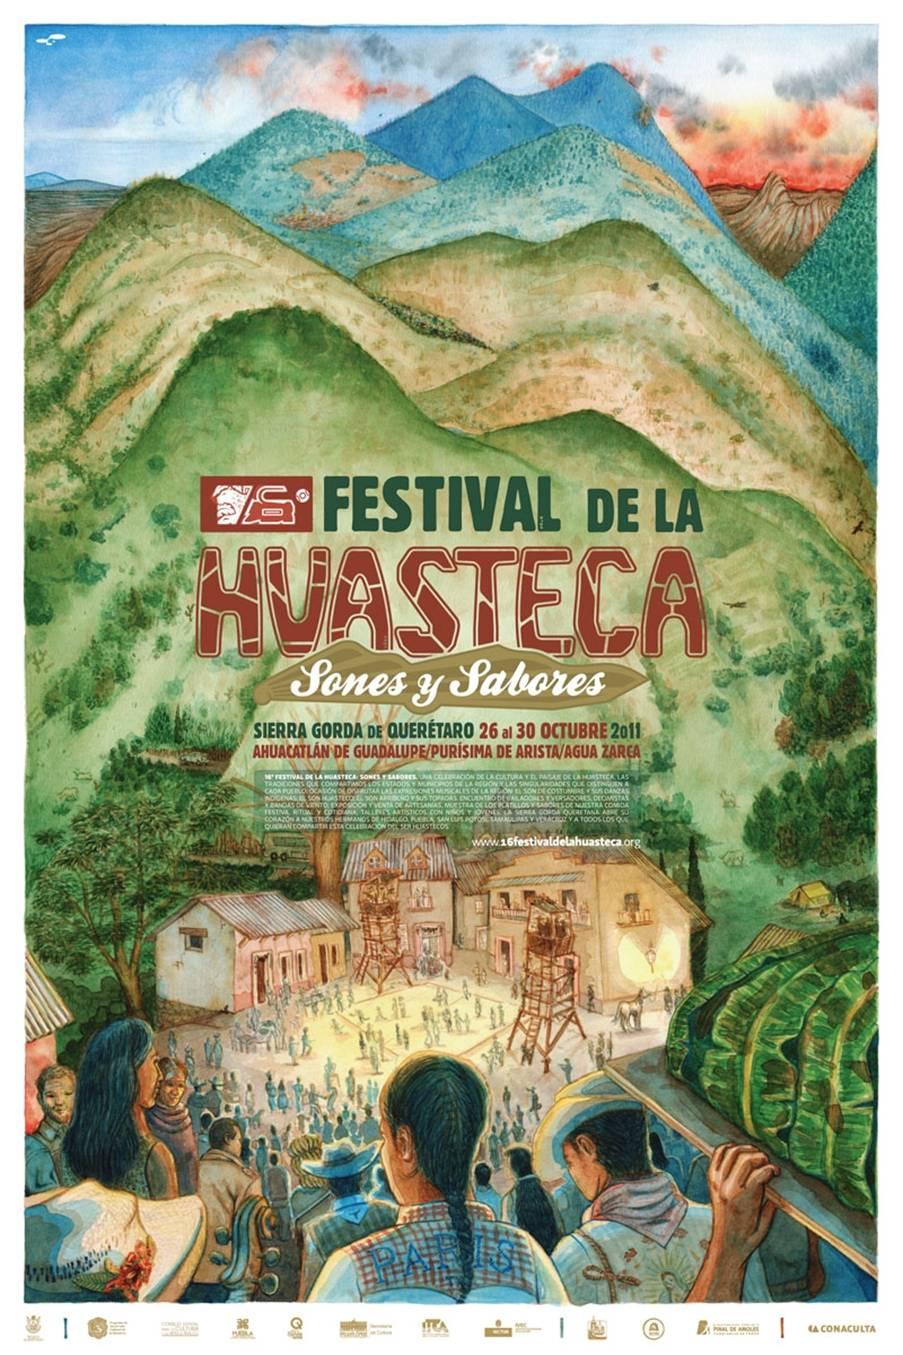 FestivalHuasteca